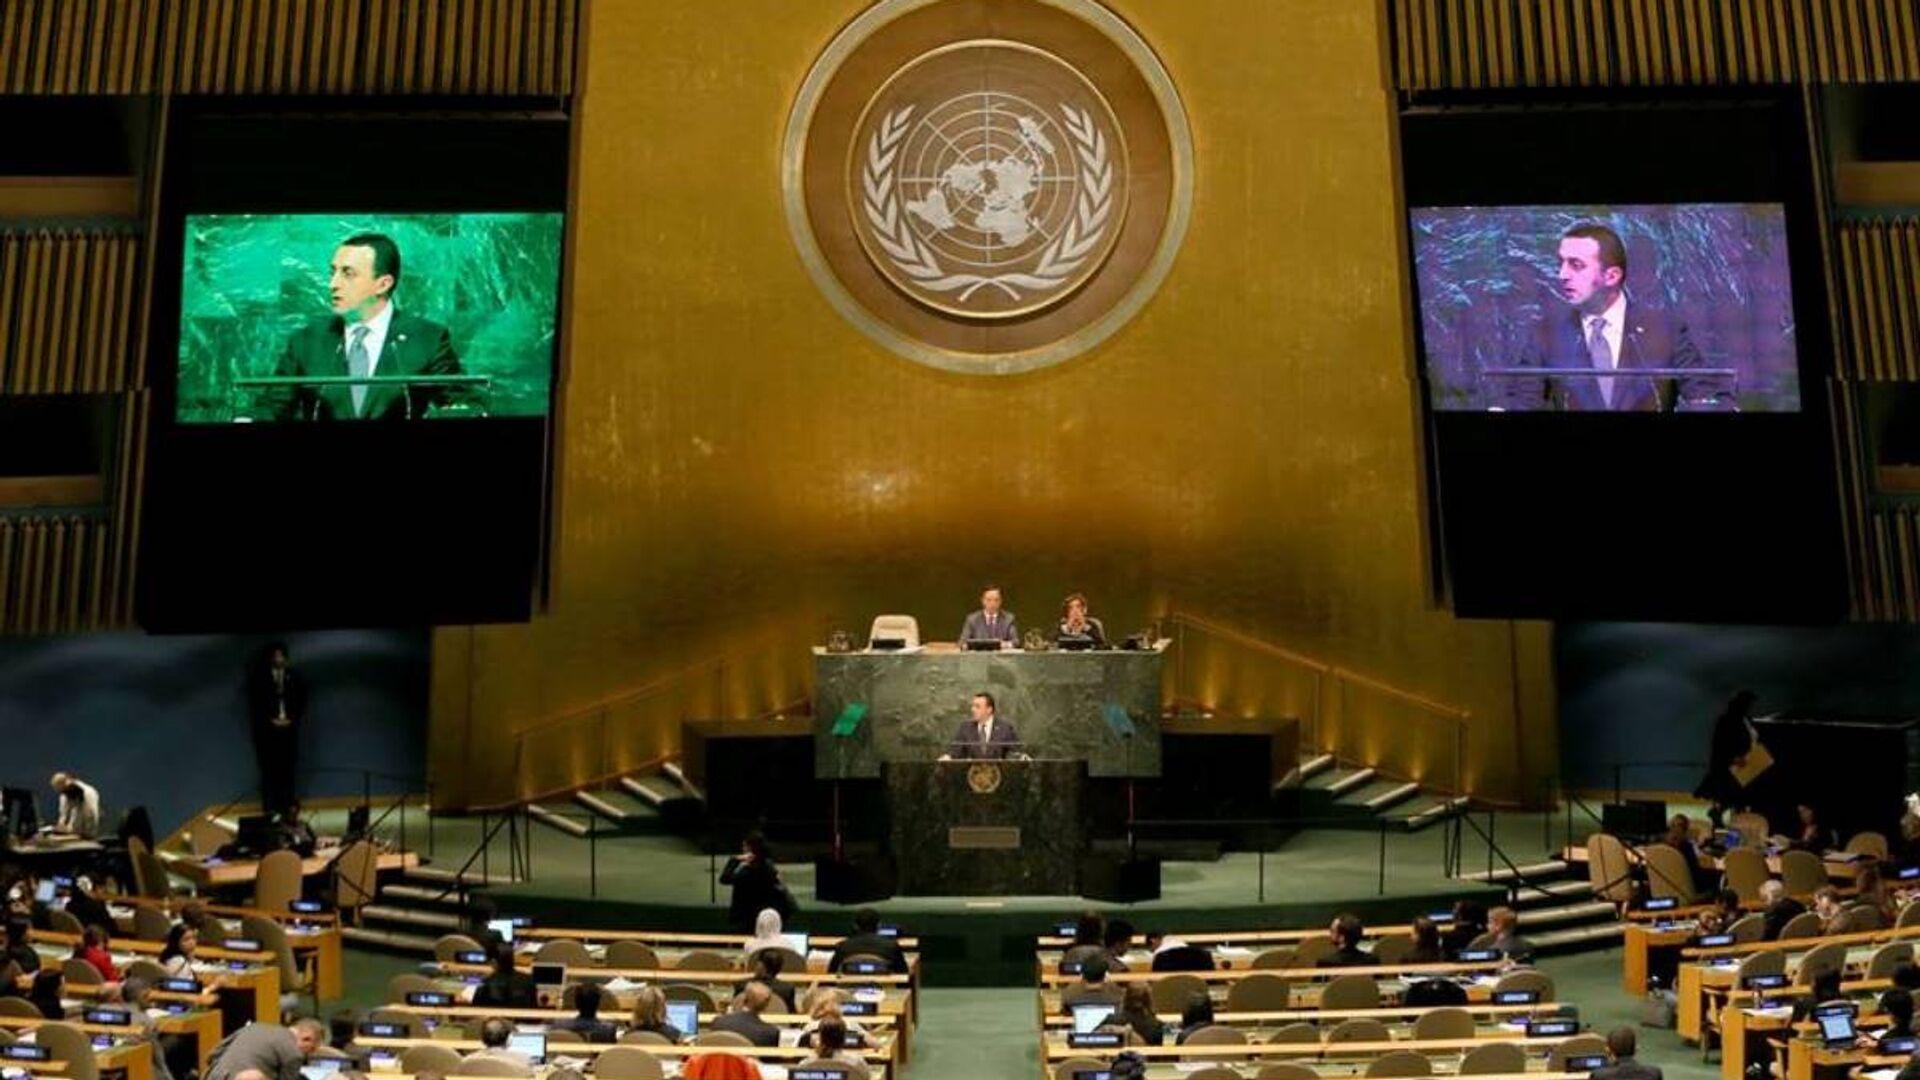 Премьер Грузии рассказал ООН об успехах страны - Sputnik Грузия, 1920, 20.09.2021